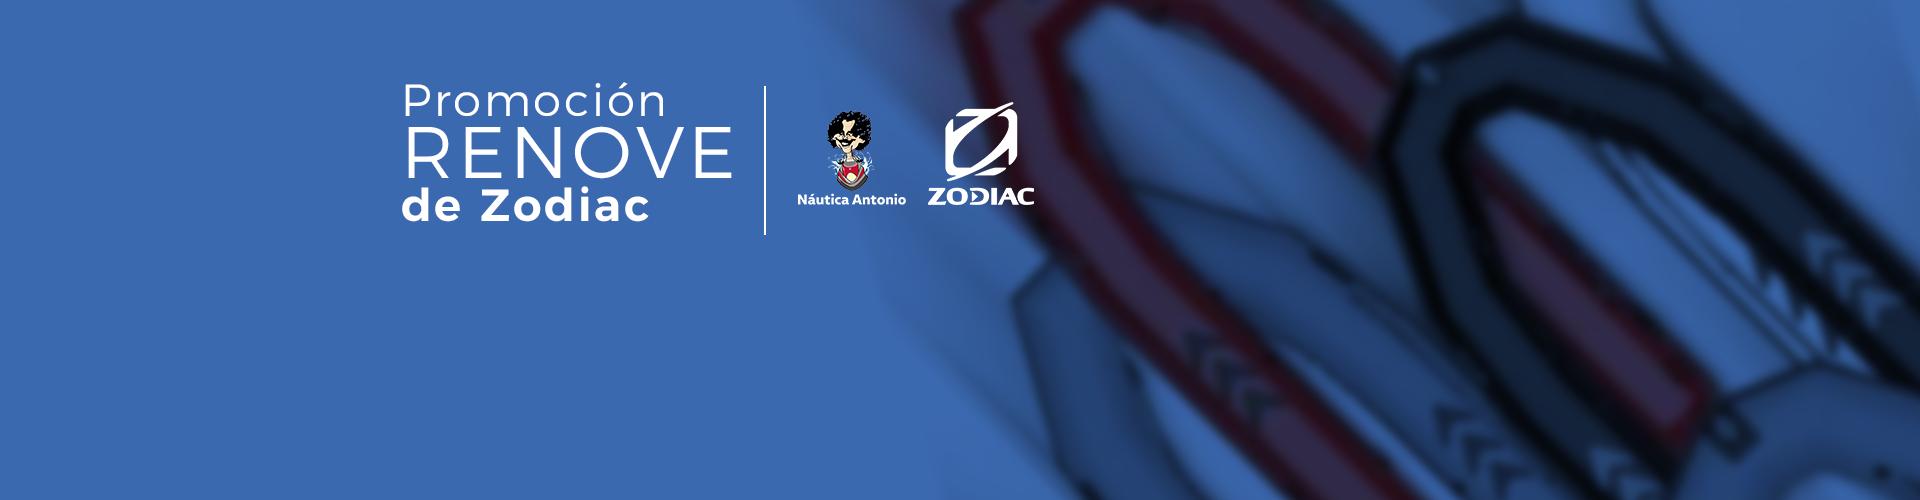 Promoción Renove de Zodiac 2021